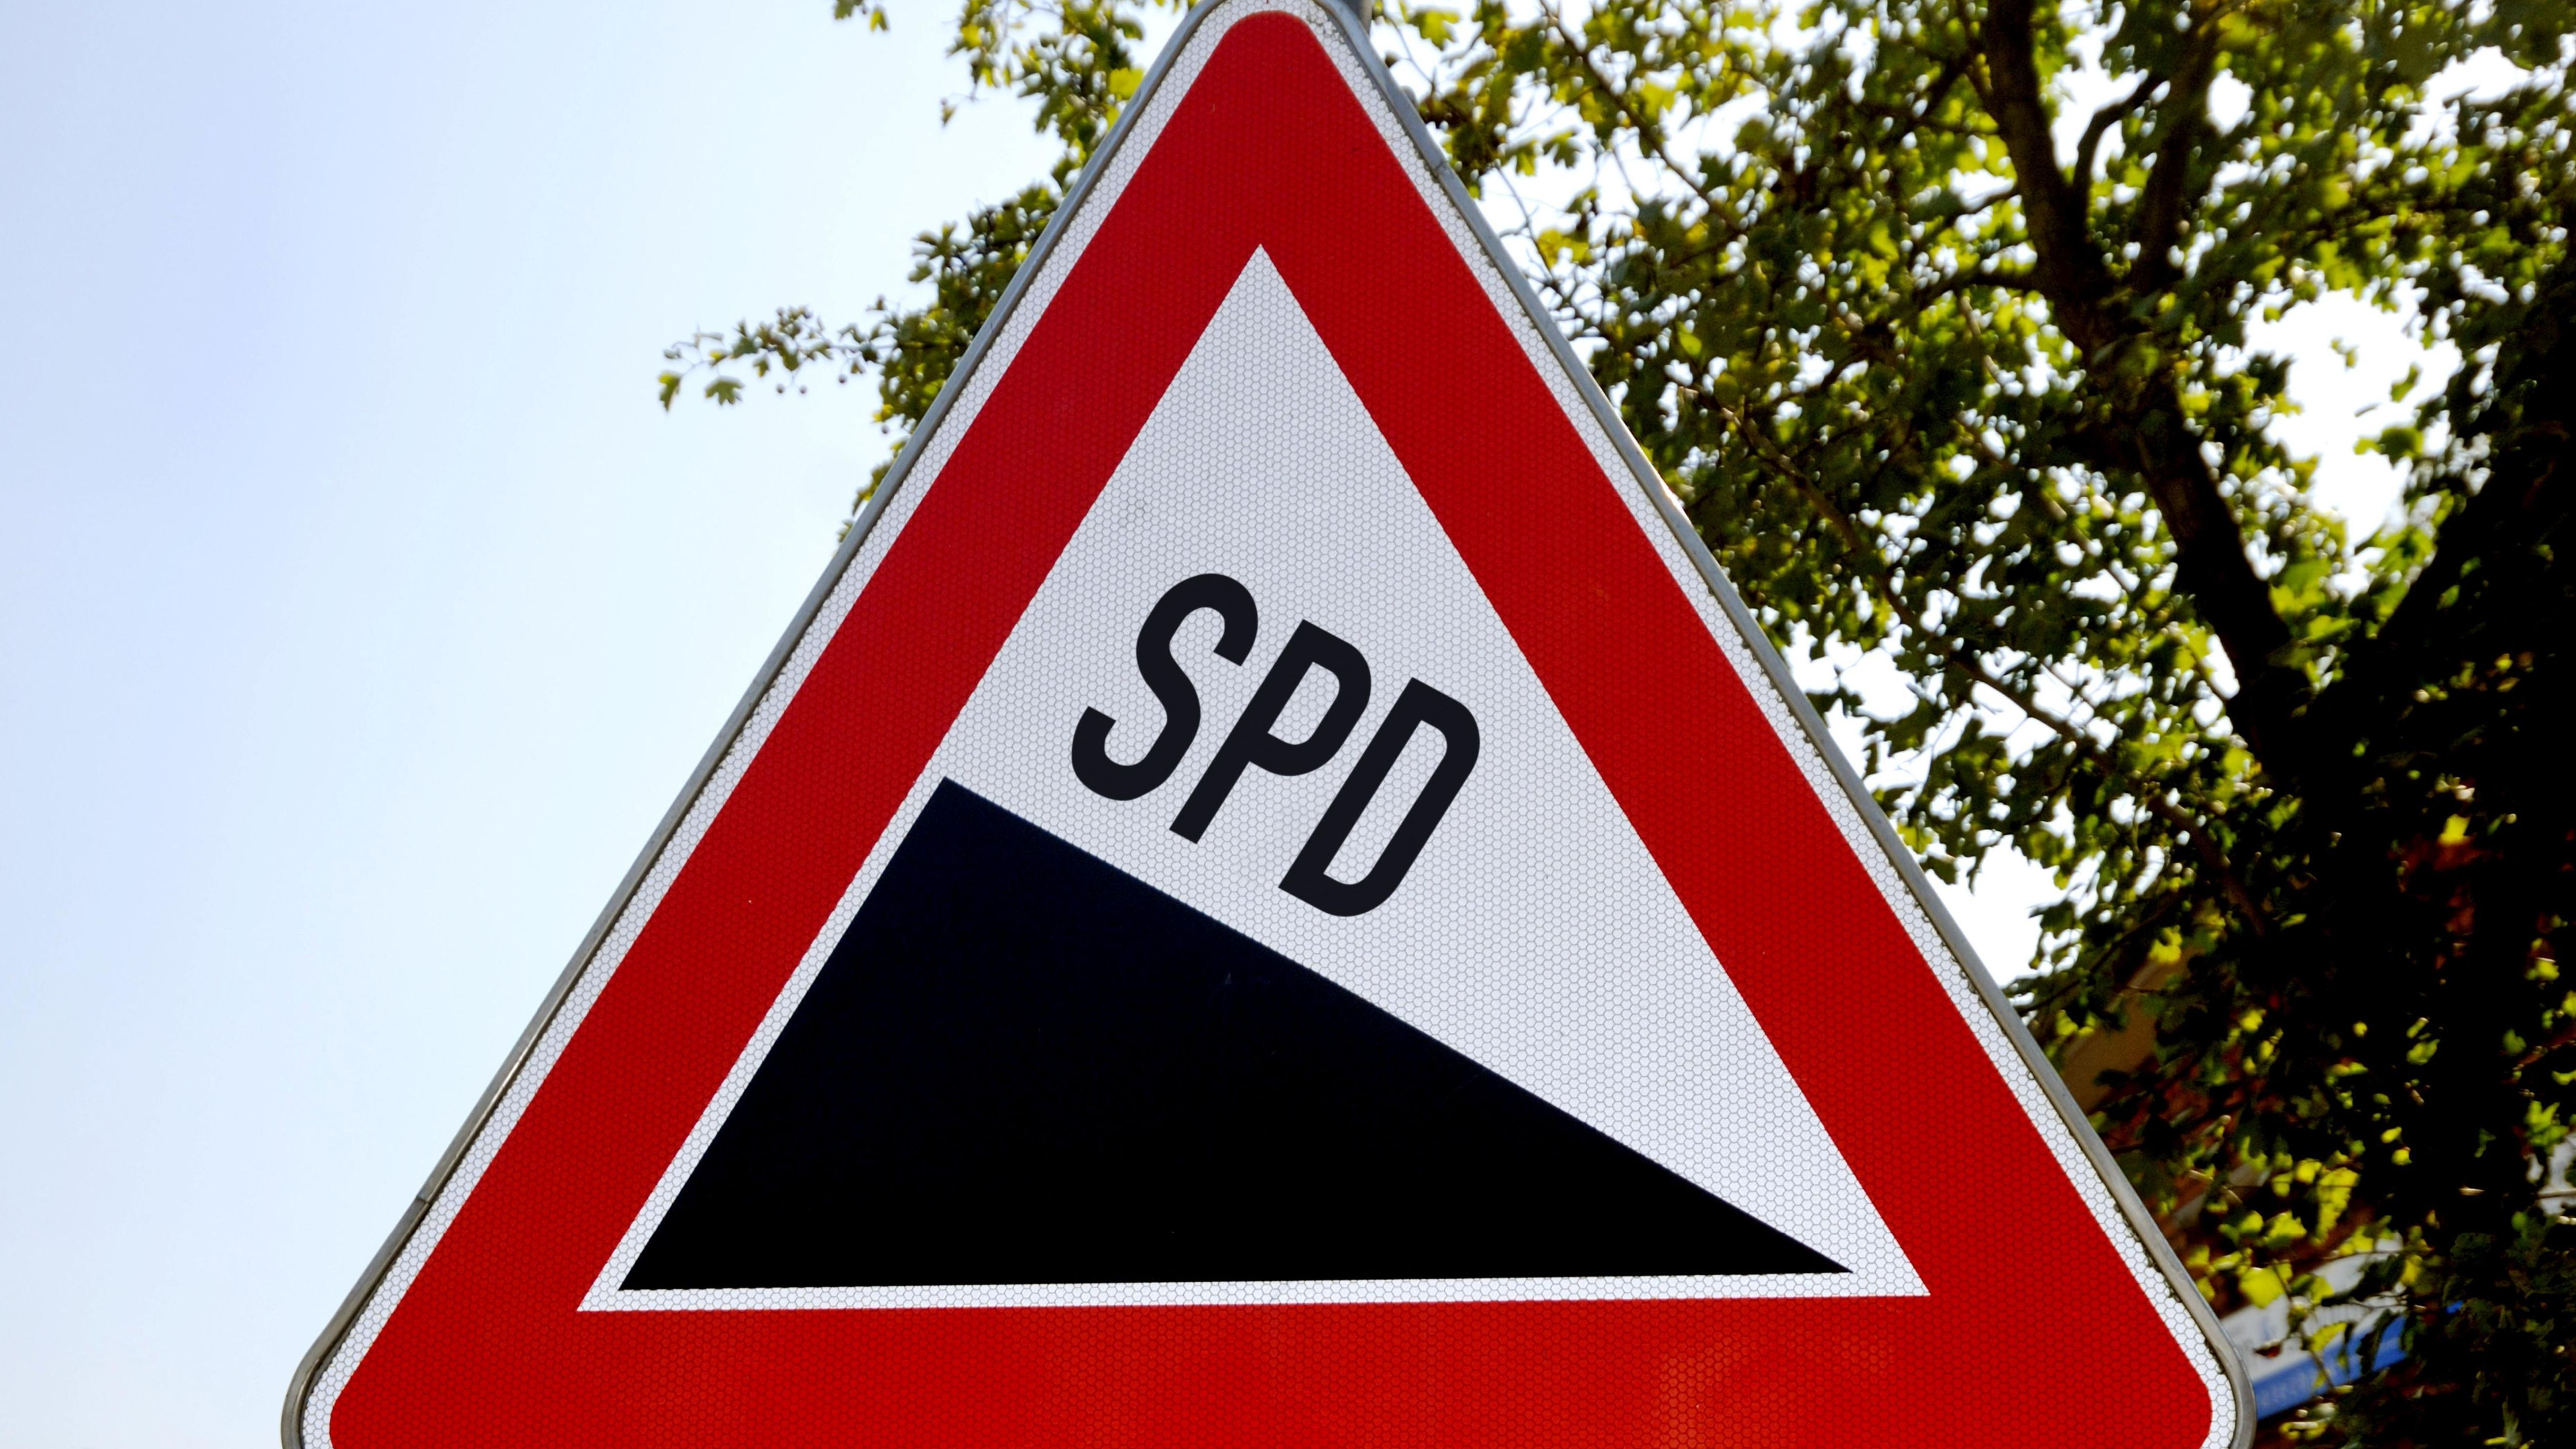 Verkehrsschild mit SPD-Motiv